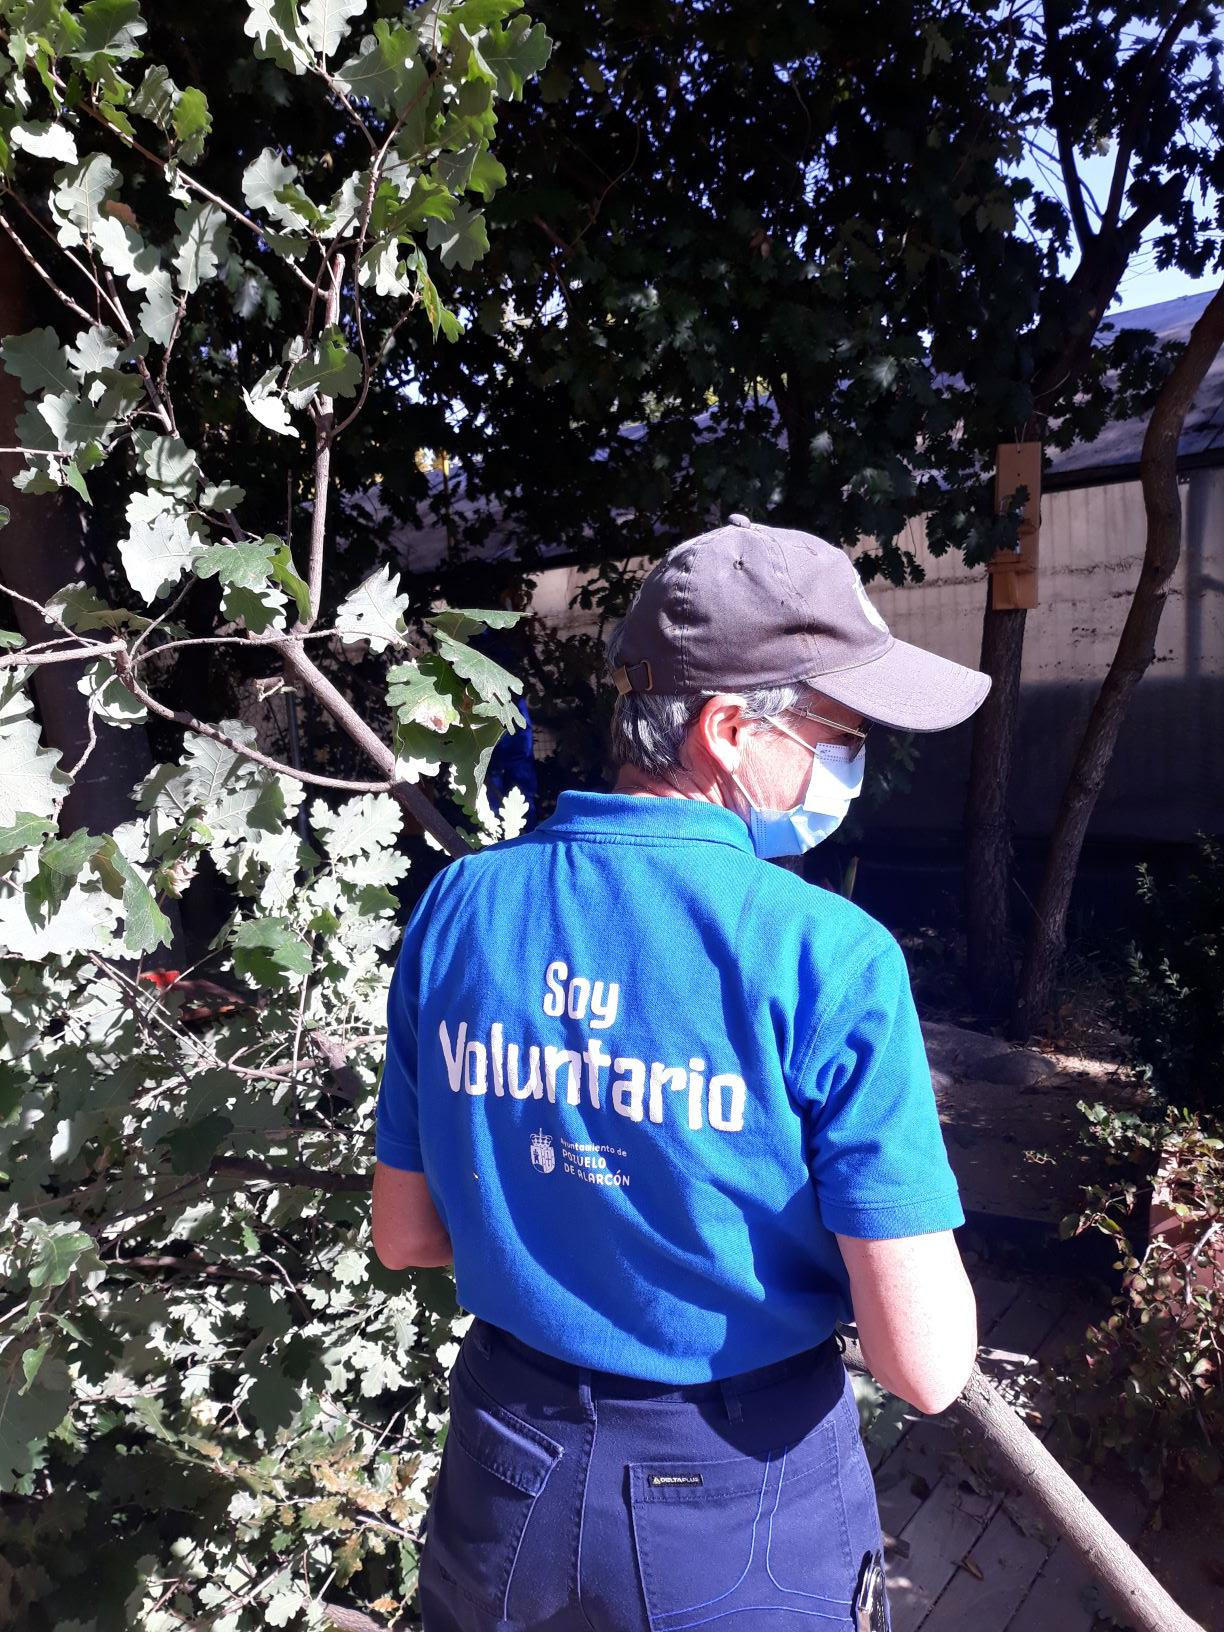 El Ayuntamiento impulsa el voluntariado ambiental como alternativa para la participación segura y saludable